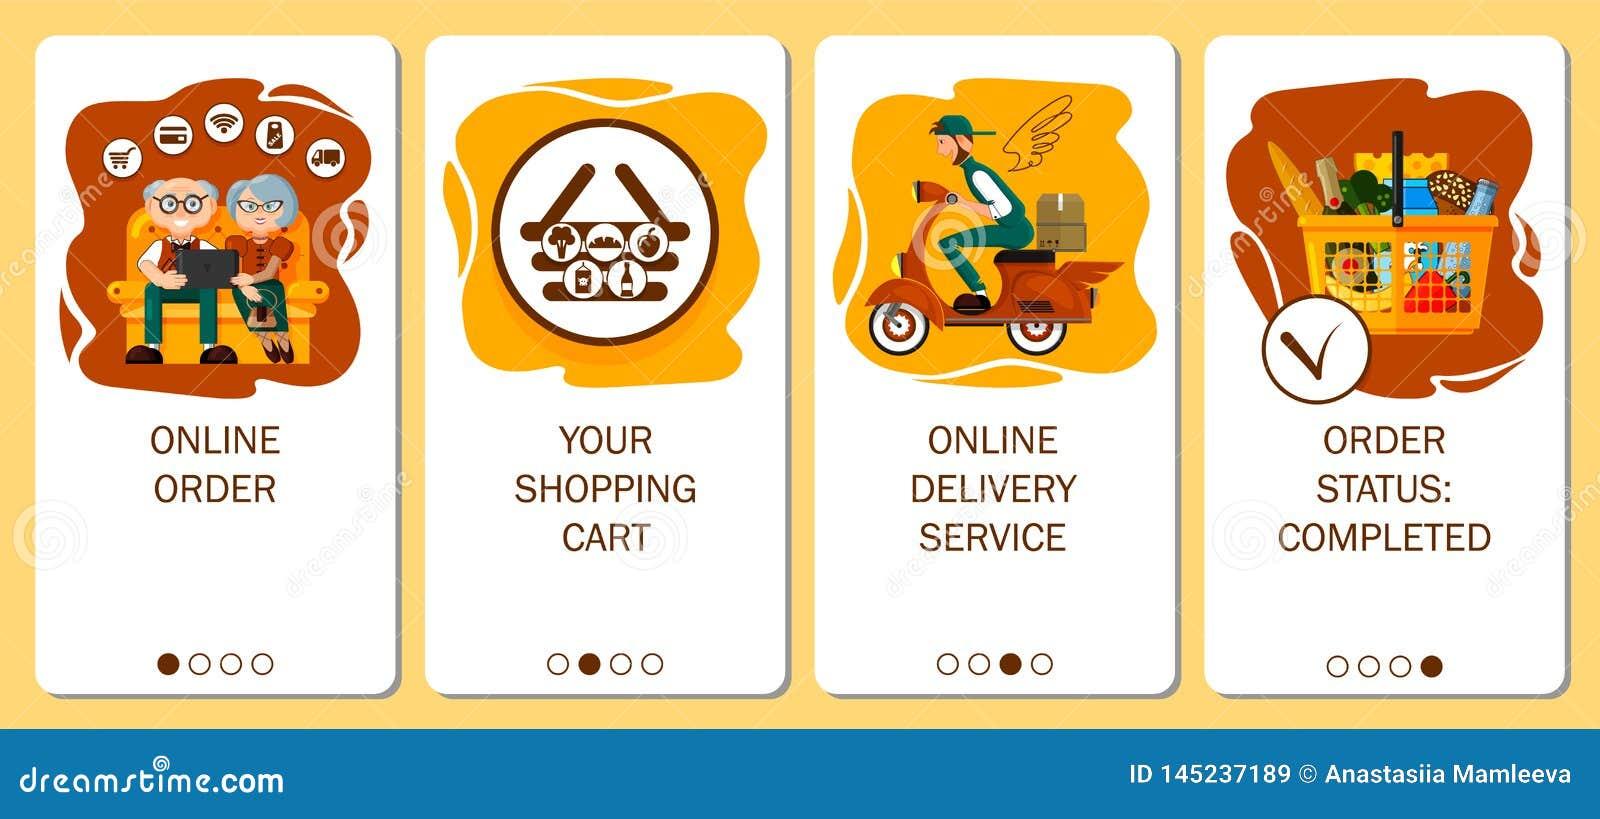 Entwurf des mobilen App zu onboarding Schirmen On-line-Auftragsservice, Nahrungsmittellieferung, Auftragslebensmittelgesch?ft im